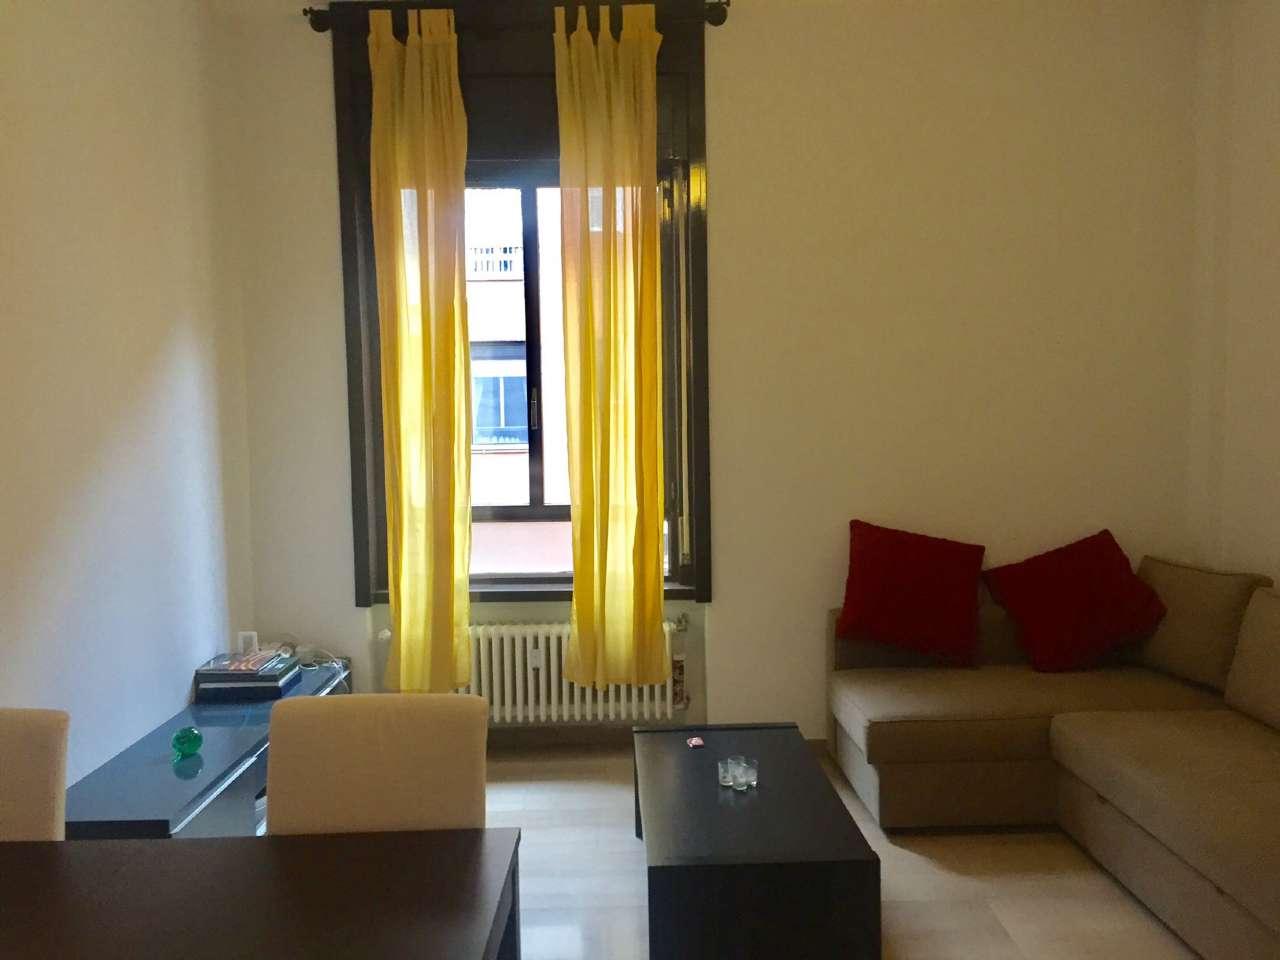 Appartamento in vendita a Milano, 2 locali, zona Zona: 1 . Centro Storico, Duomo, Brera, Cadorna, Cattolica, prezzo € 485.000 | Cambio Casa.it